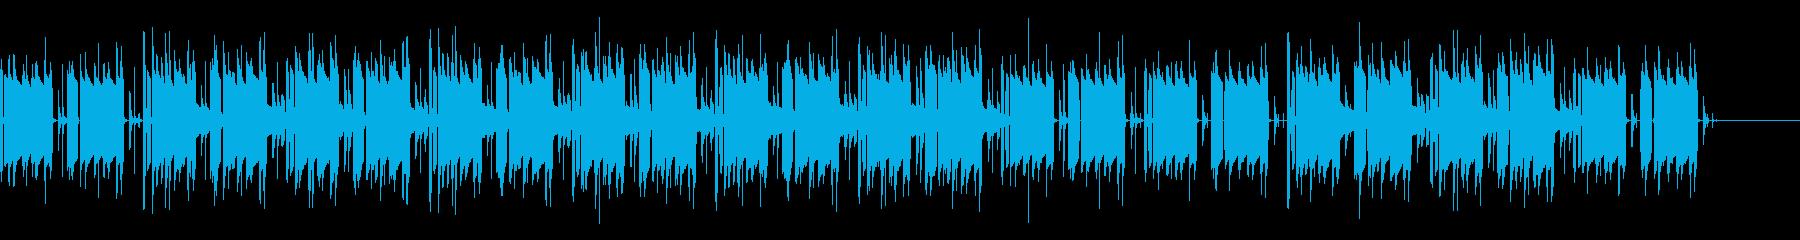 ひっそりとした雰囲気のあるメロディーの再生済みの波形